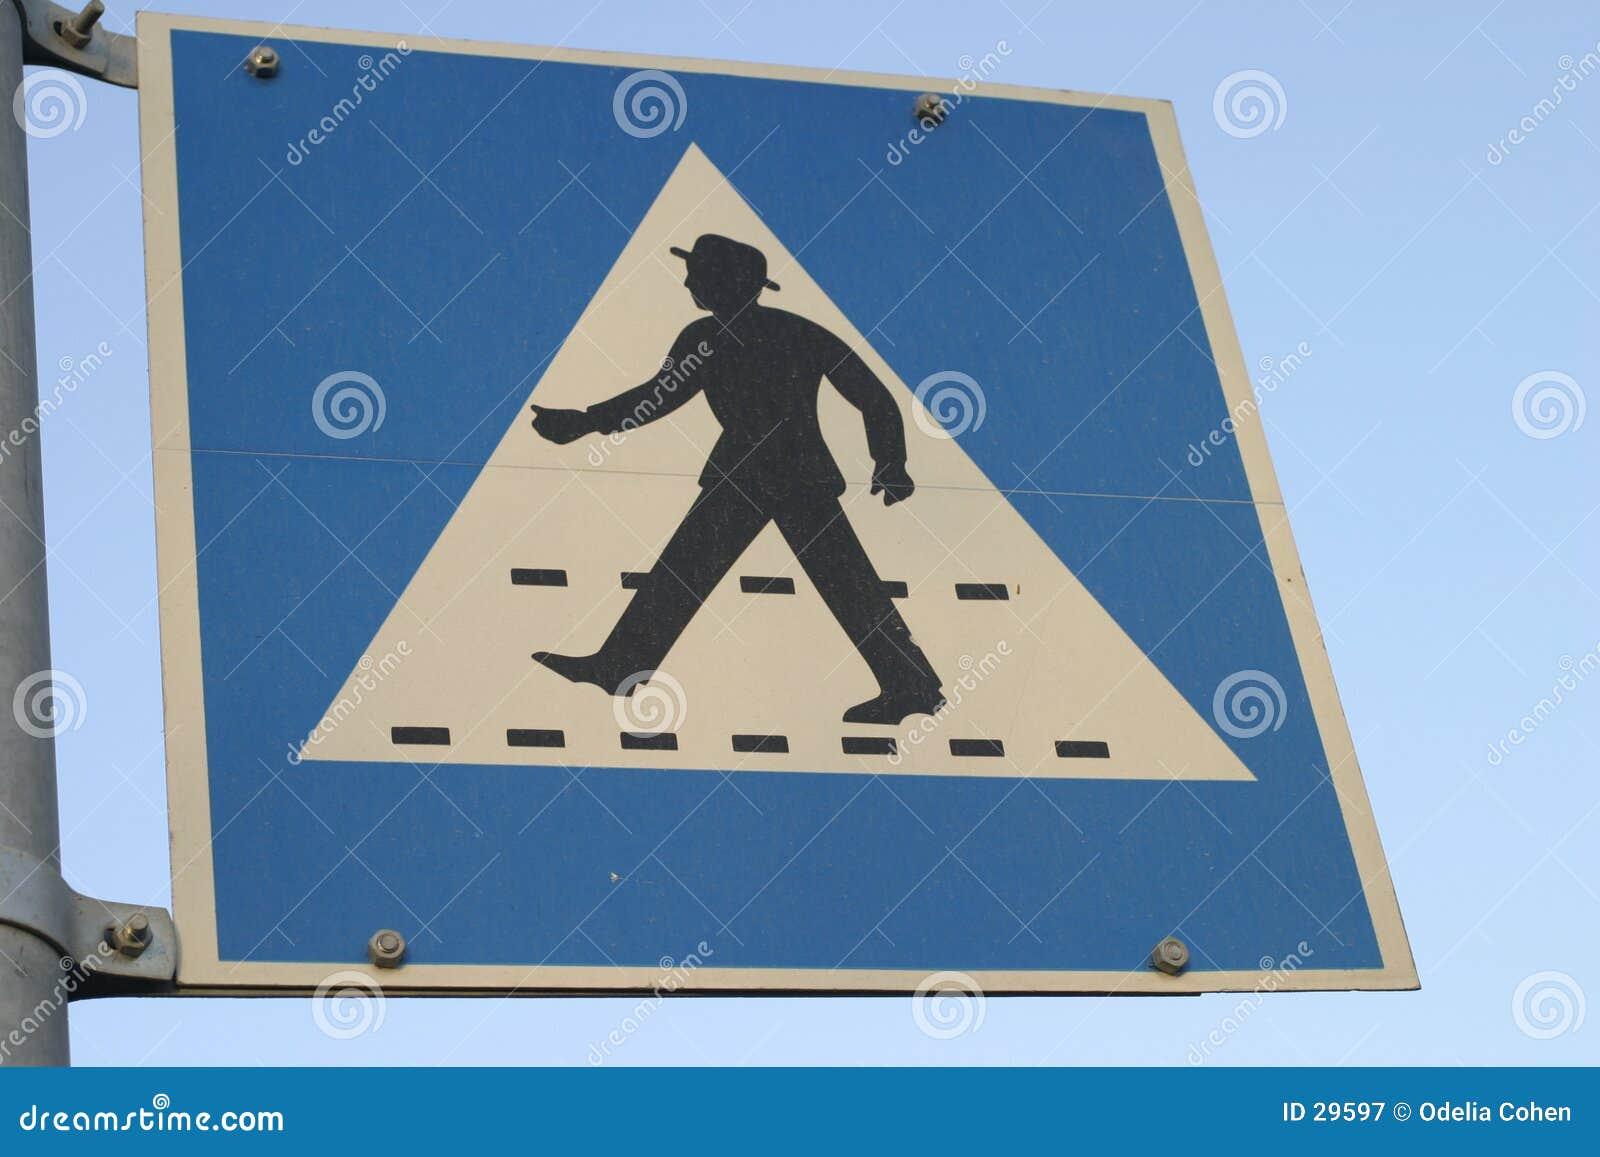 Loop deze manier!